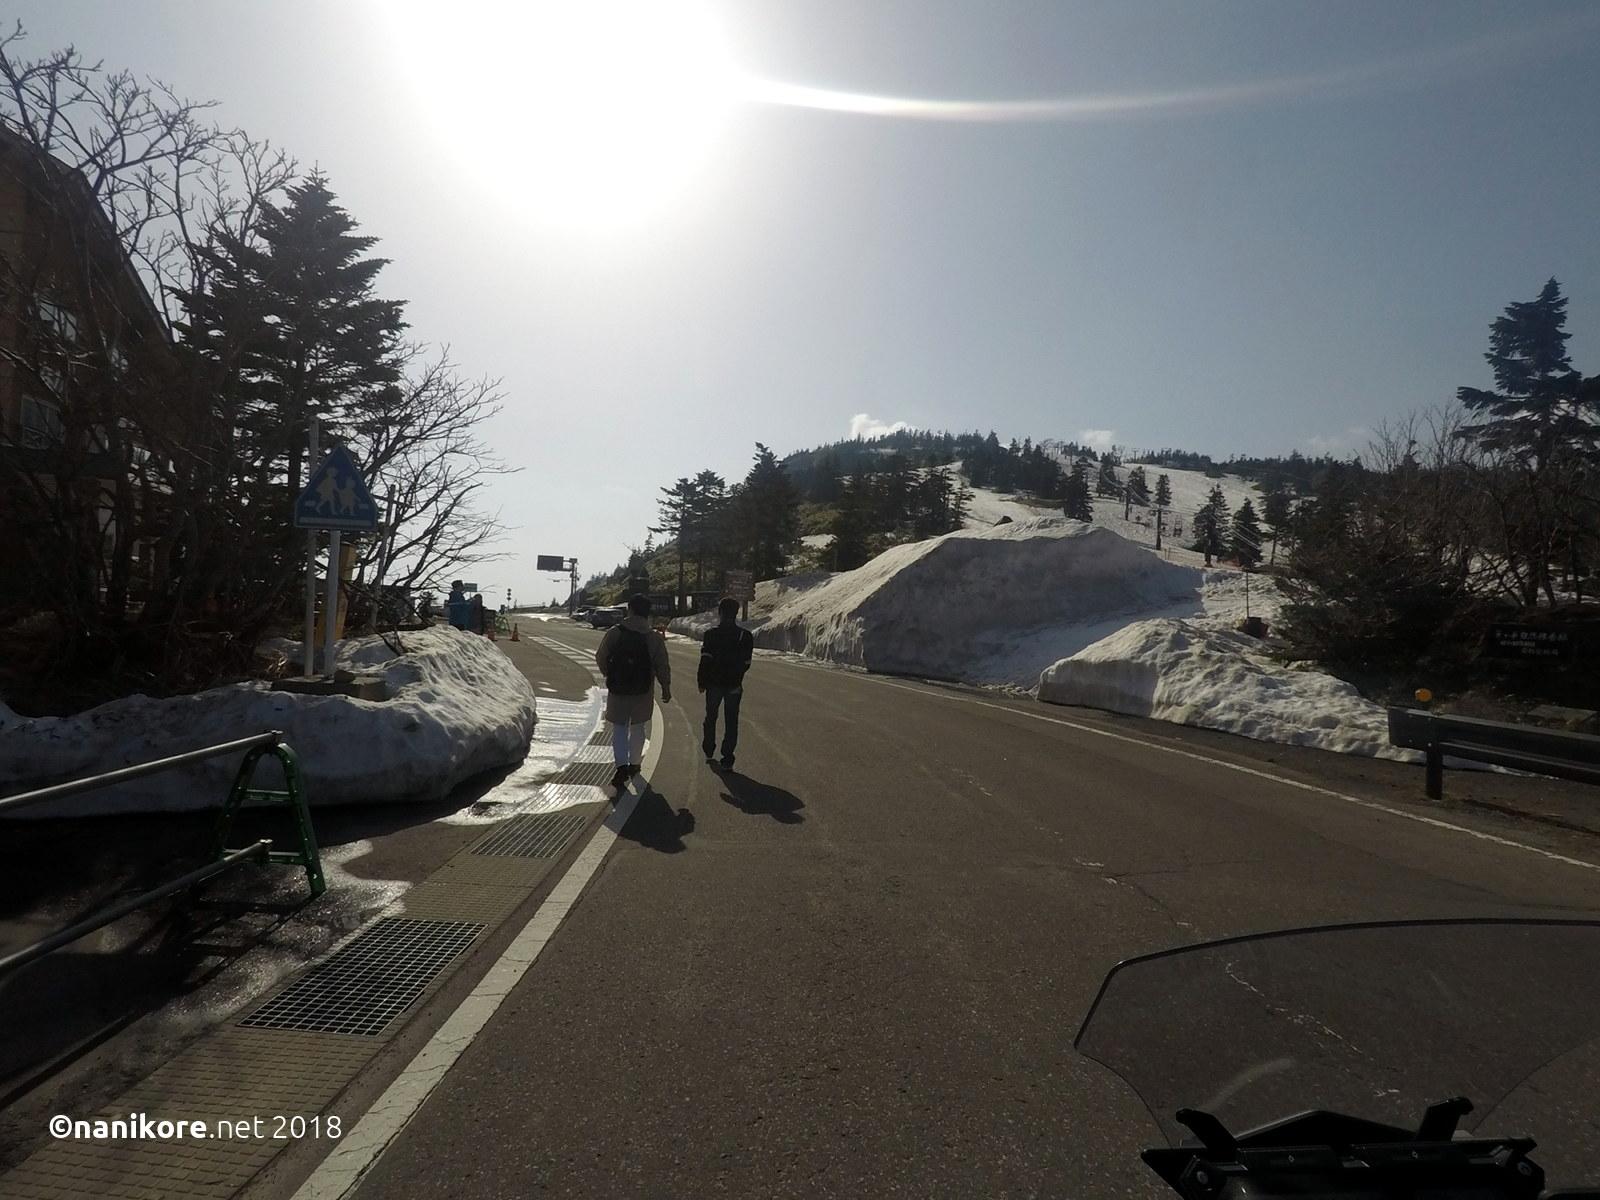 Ski resorts still open